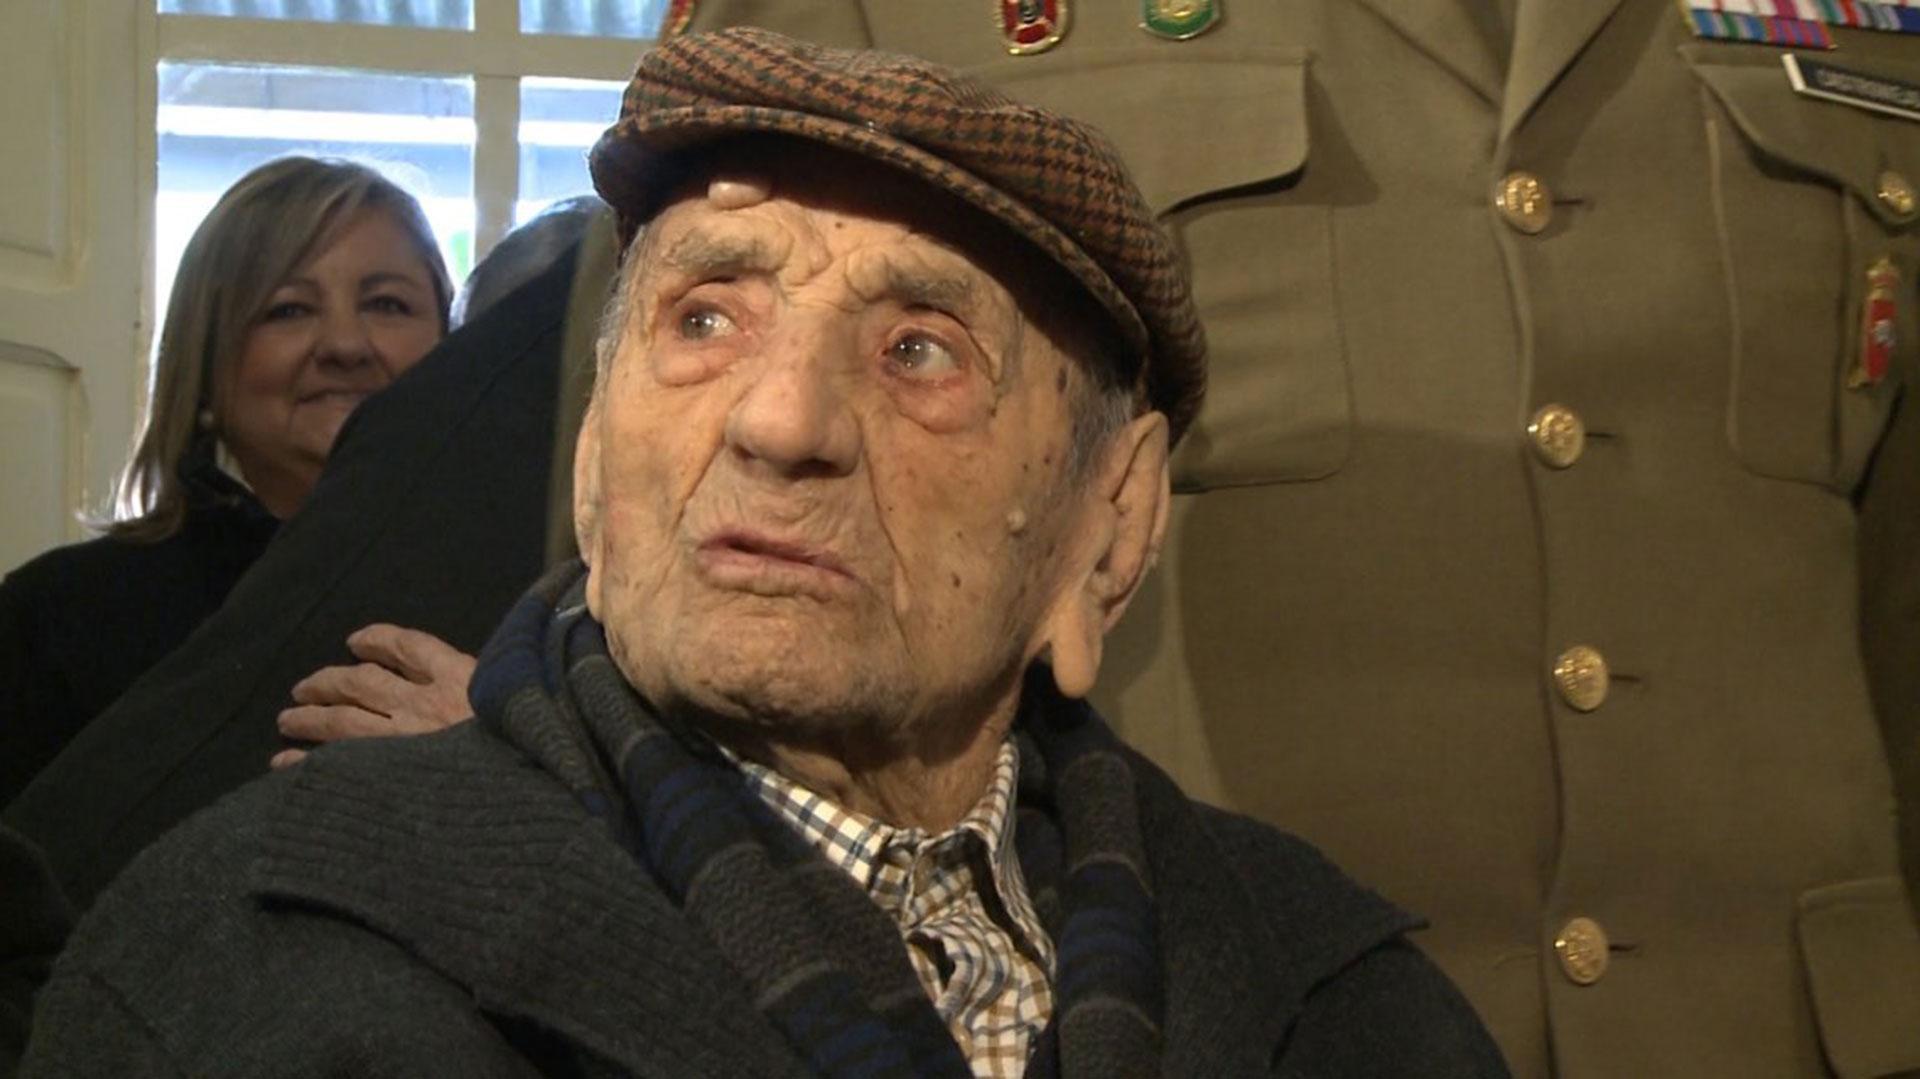 Con 113 años, era el hombre más longevo del mundo (EFE)